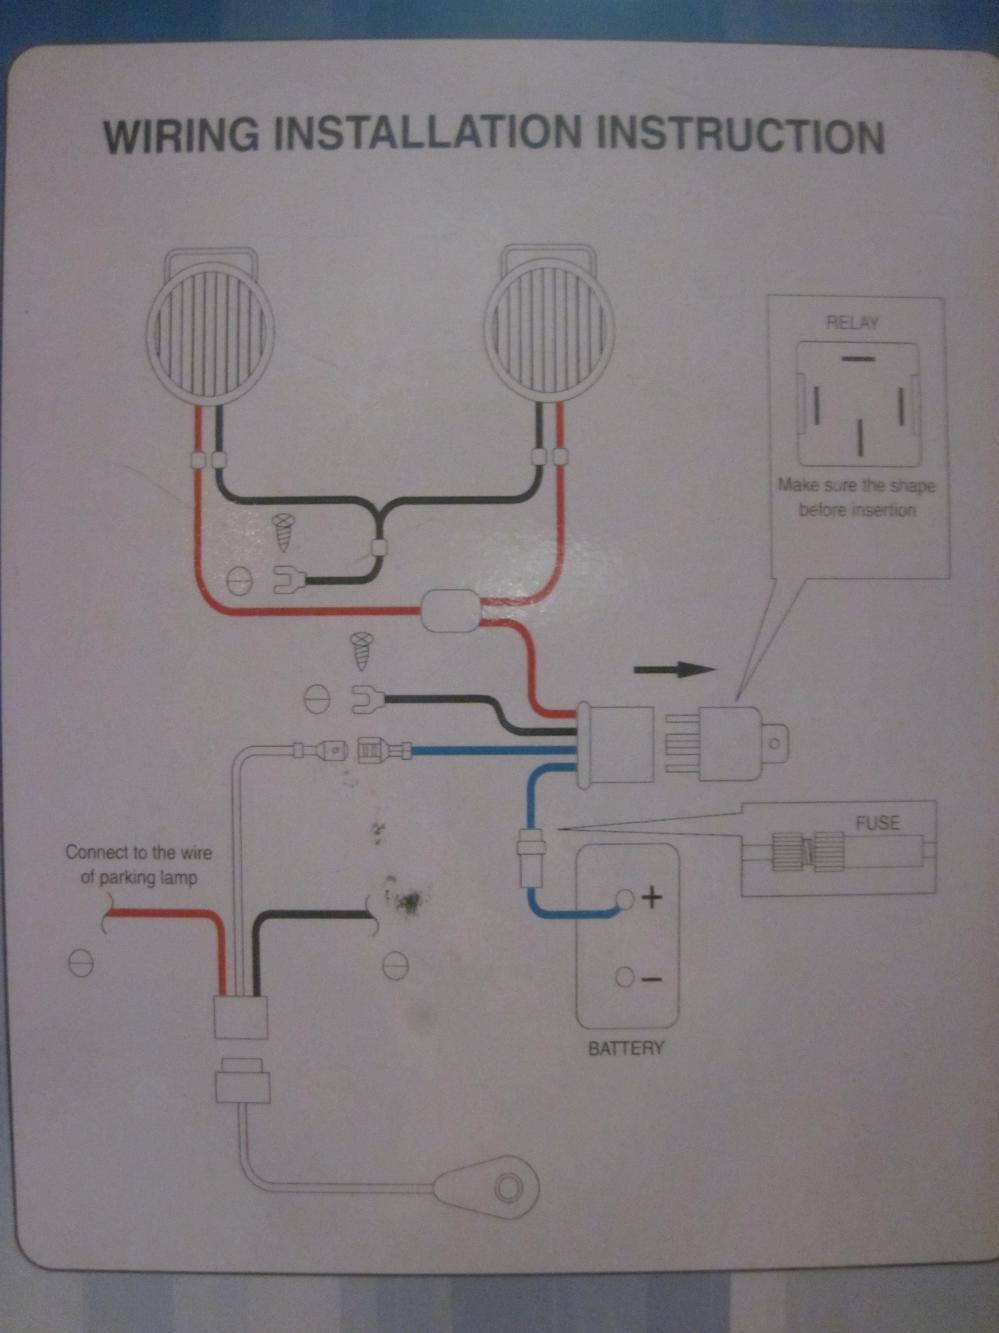 medium resolution of kawasaki teryx wiring diagram wiring diagram schematics warn winch remote wiring help wiring vision x lights